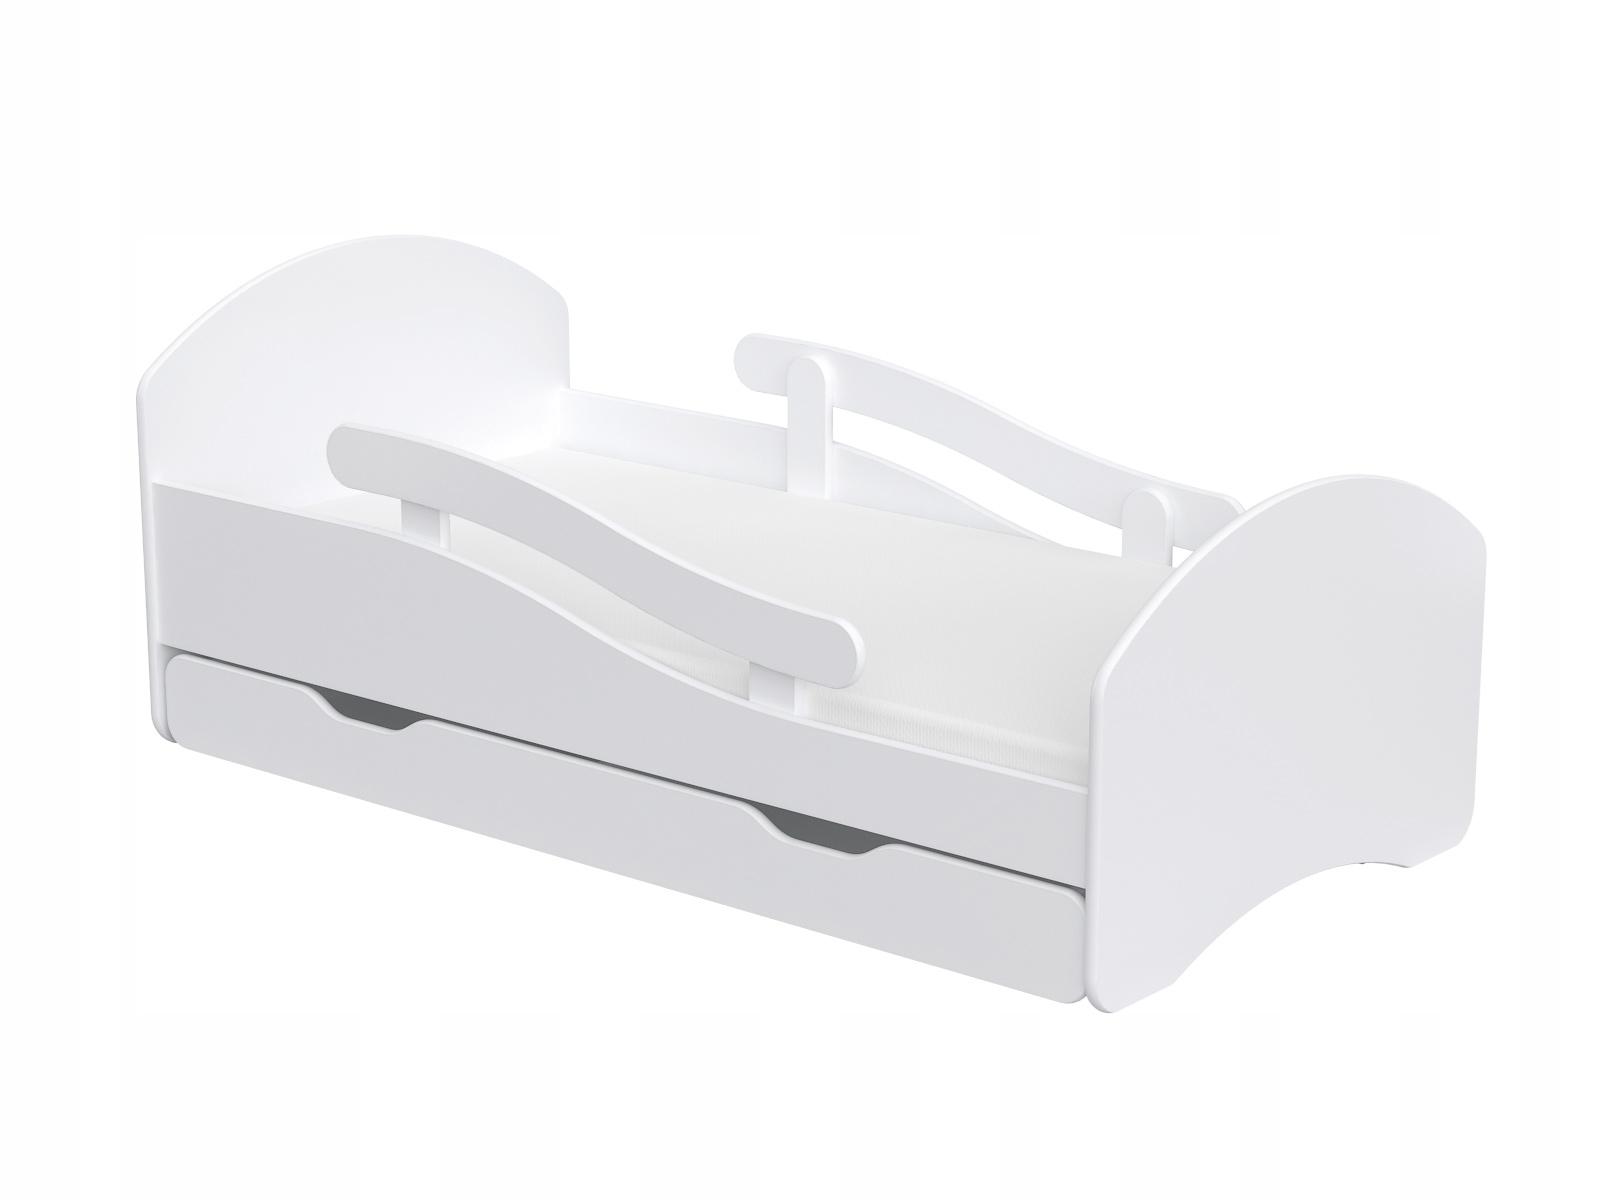 Detská posteľ 160x80 biela so zarážkou PODPORA